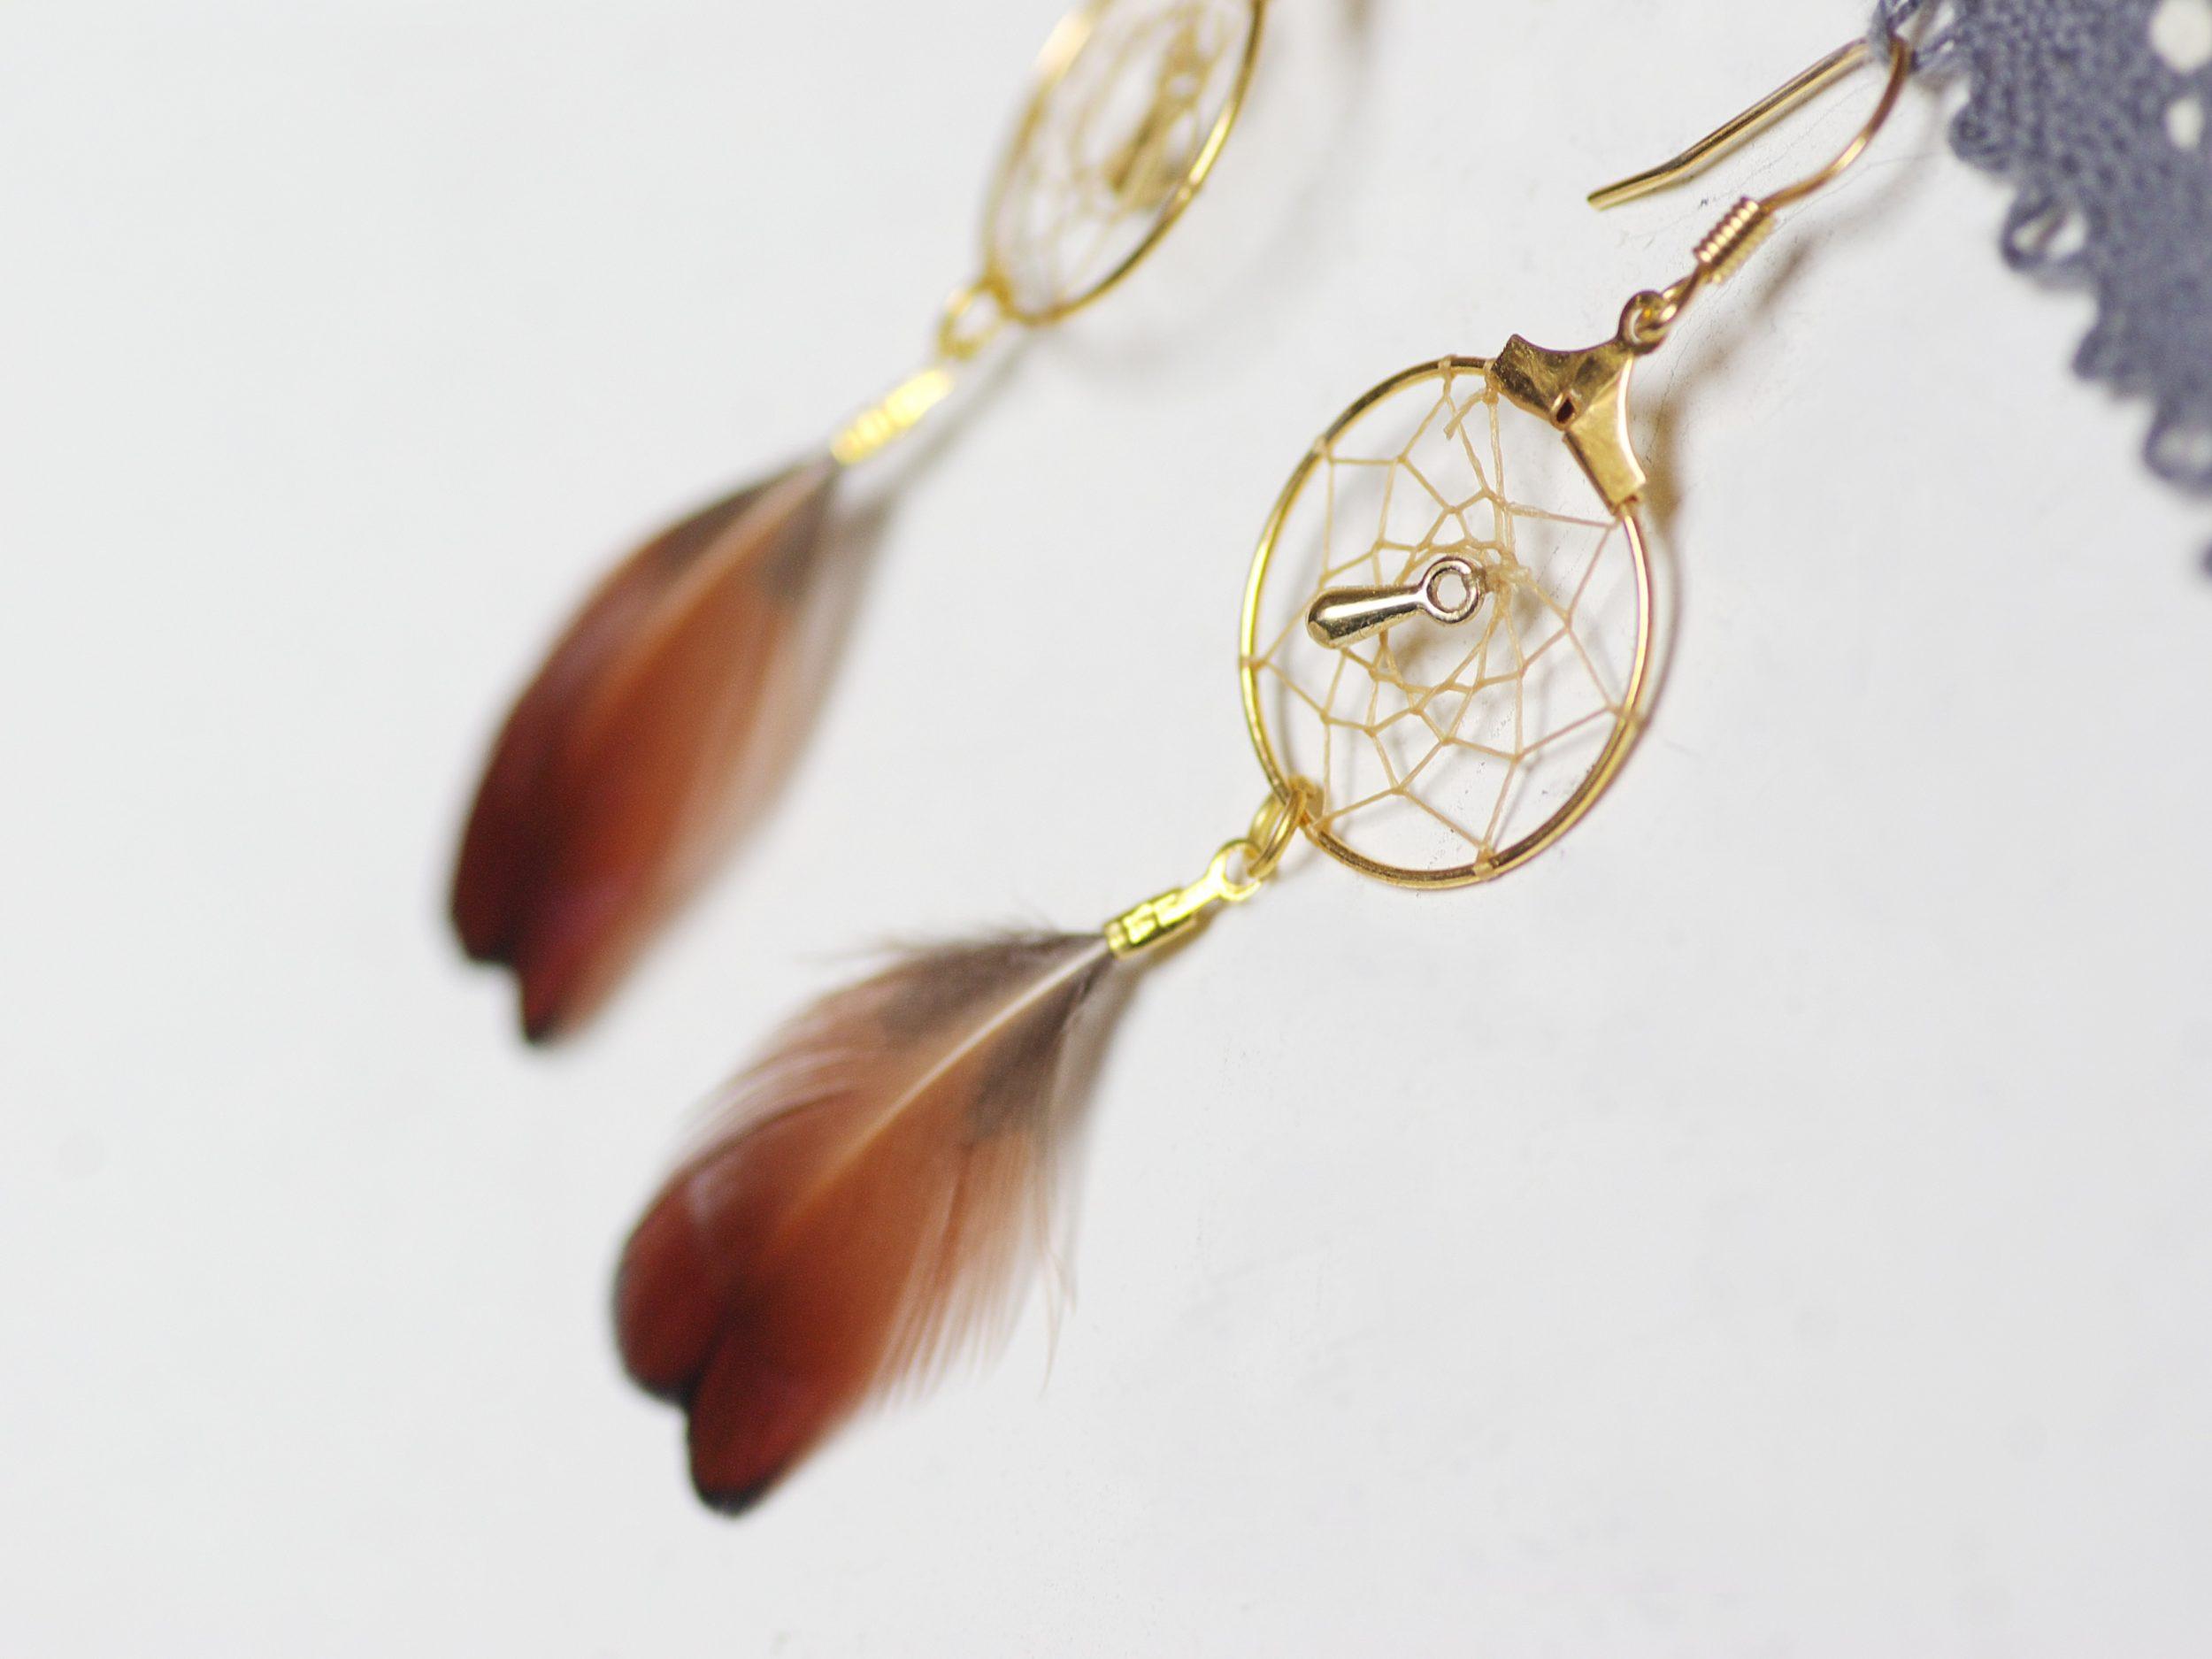 boucles d'oreilles dreamcatcher doré avec des plumes naturelles